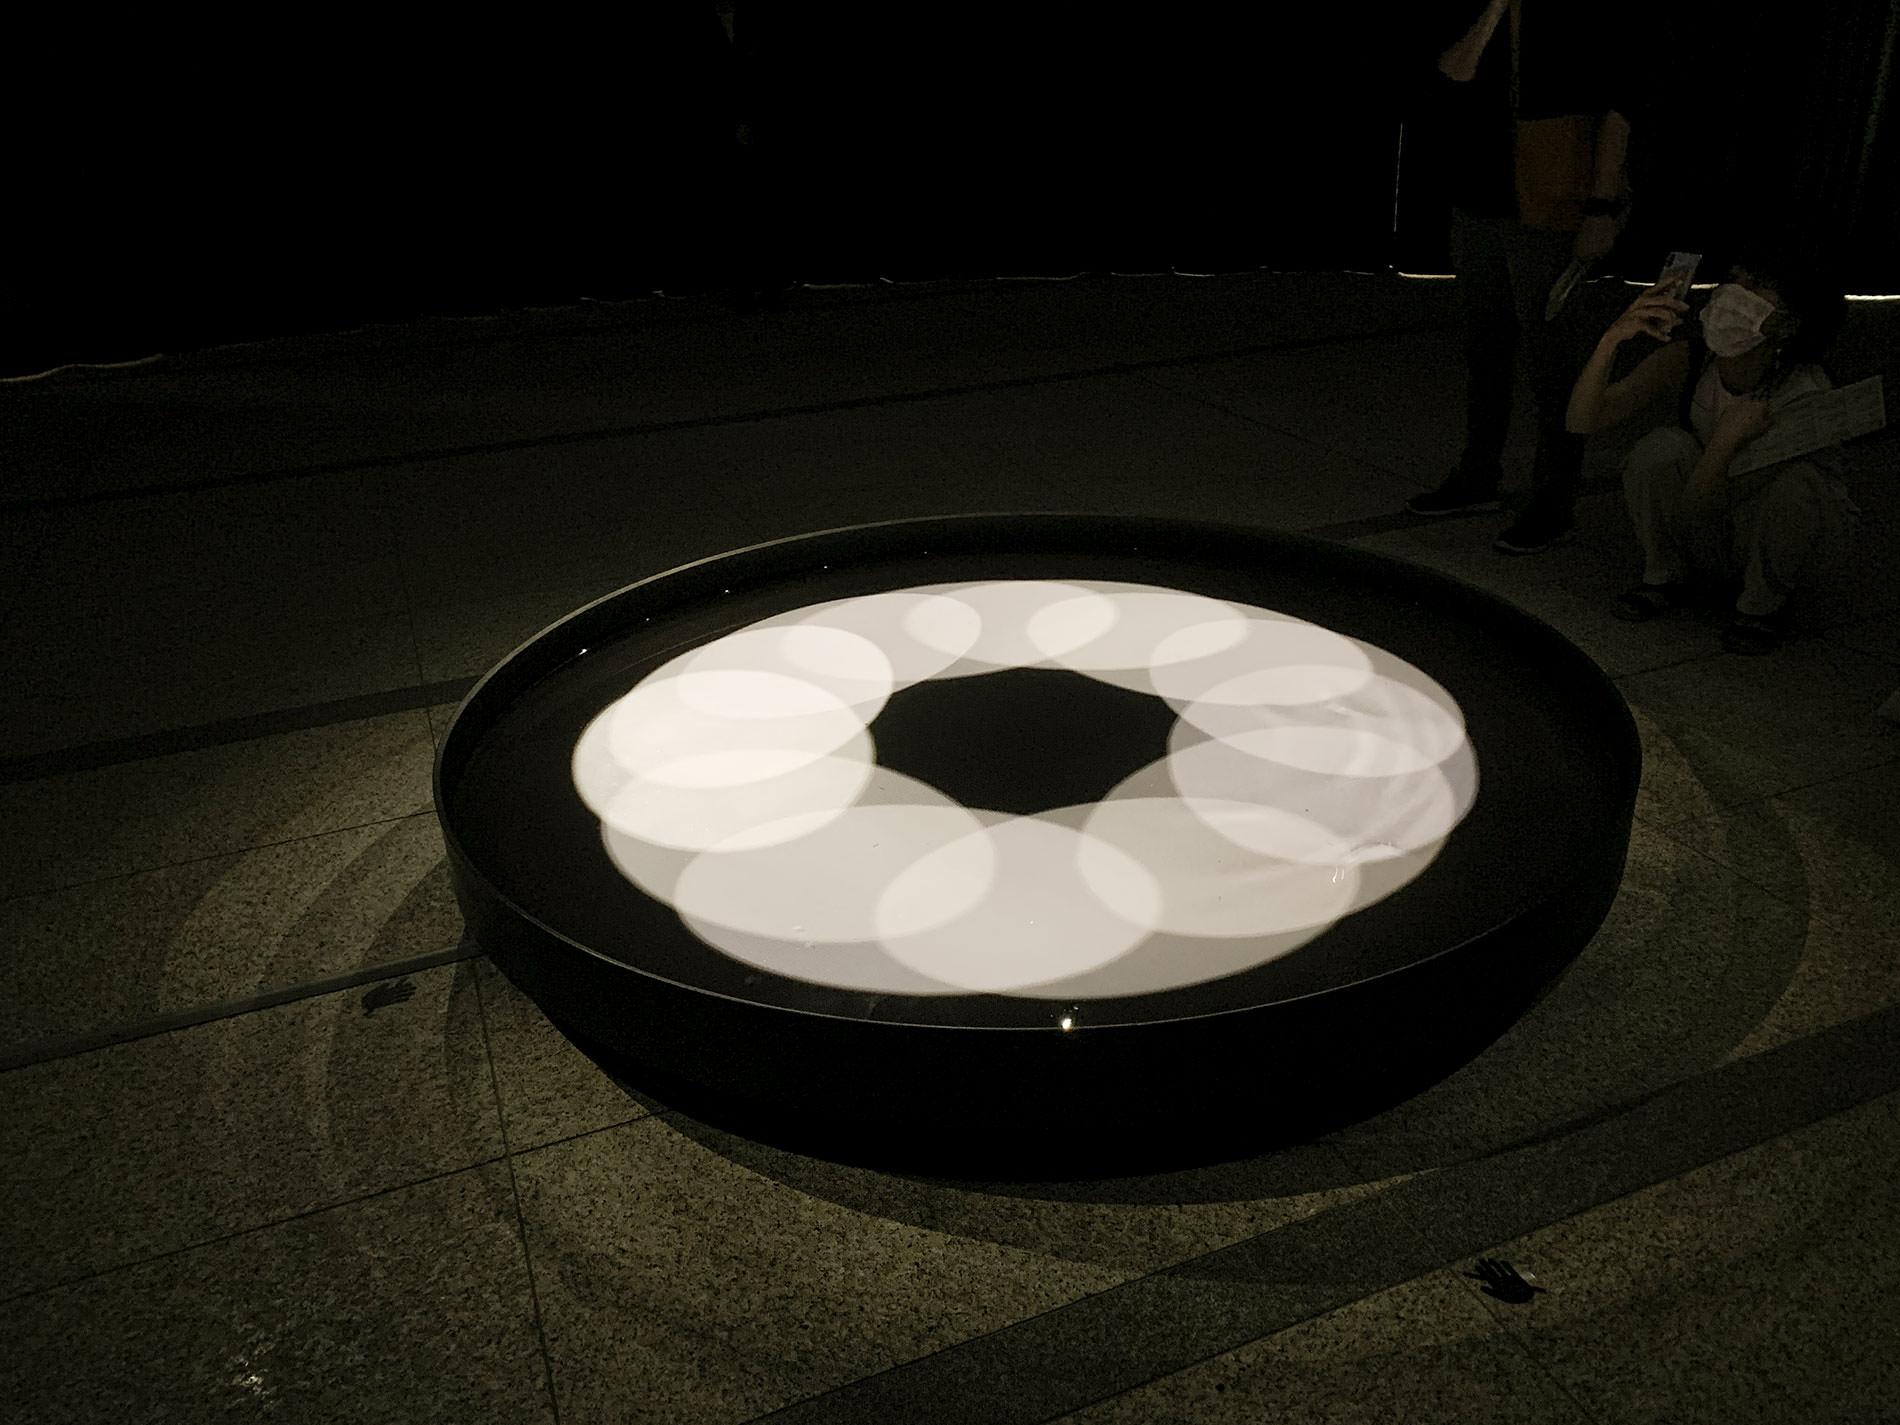 オラファー・エリアソン 「ときに川は橋となる」展 | ときに川は橋となる | 東京都現代美術館 / Olafur Eliasson | Sometimes the river is the bridge |  MUSEUM OF CONTEMPORARY ART TOKYO 2020